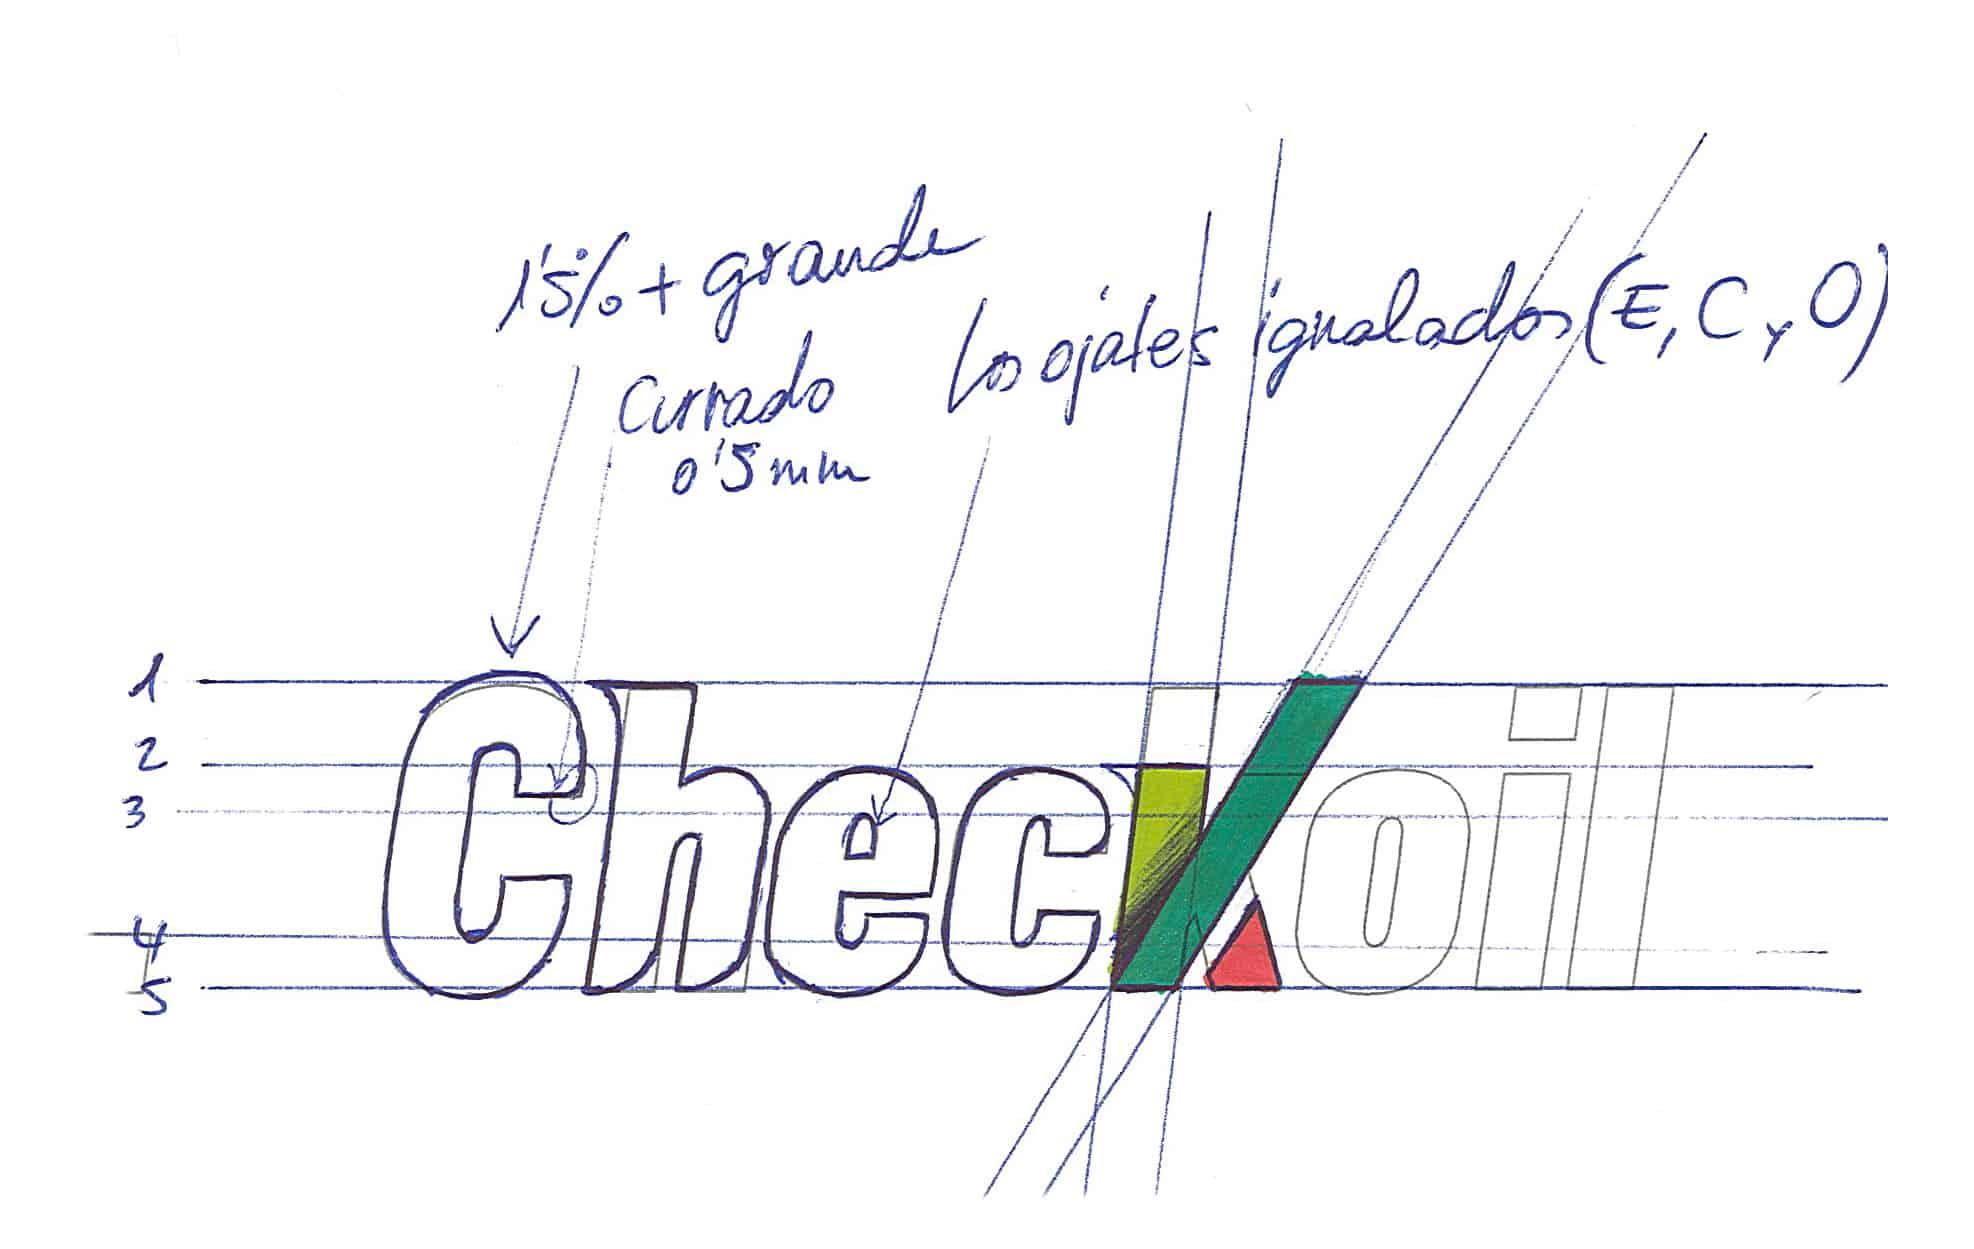 Checkoil 5